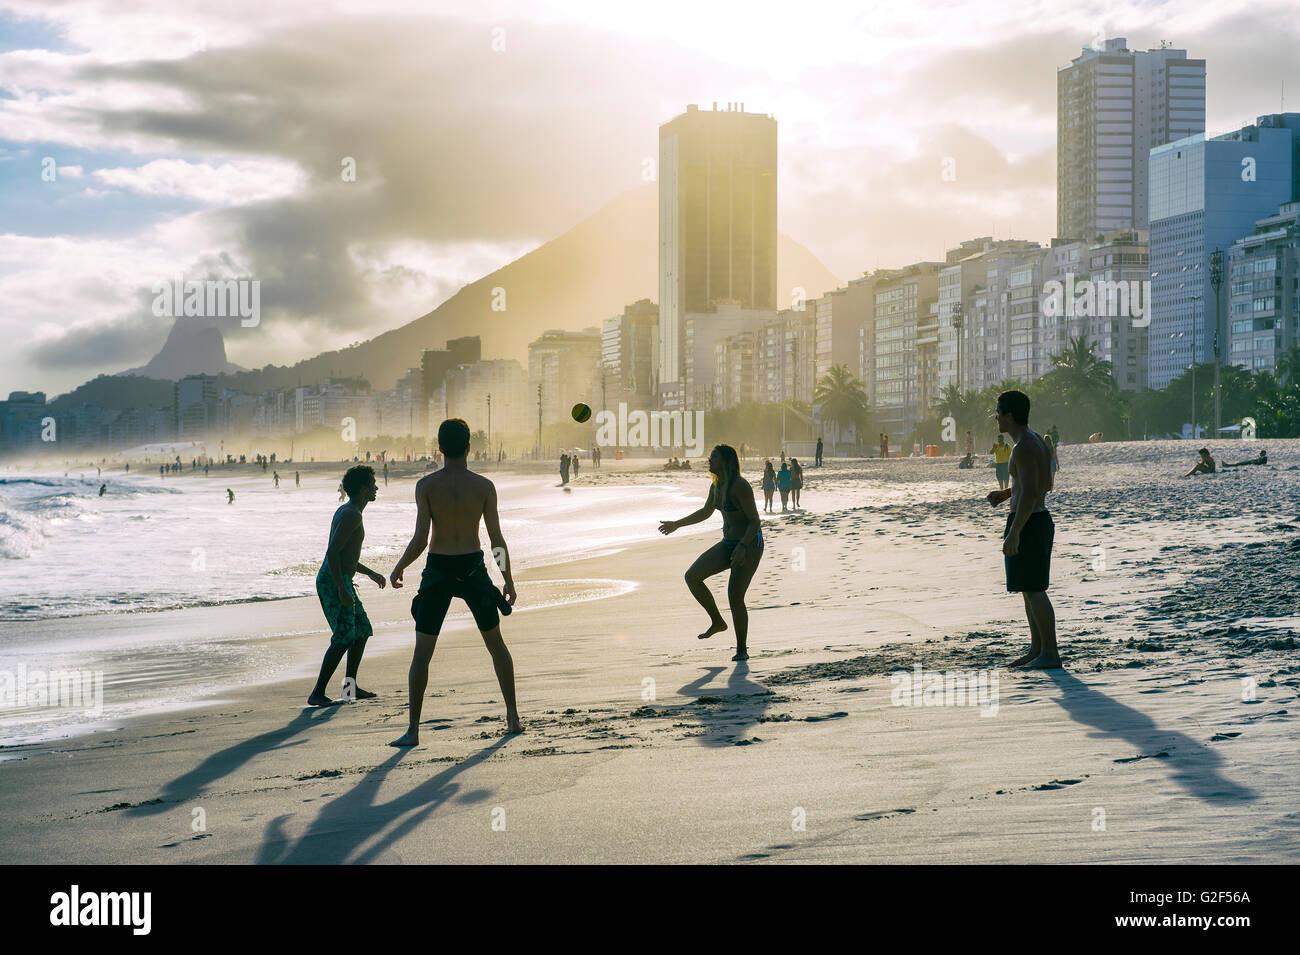 RIO DE JANEIRO - OCTOBER 30, 2015: Silhouettes of Brazilians play altinho beach football in a circle on Copacabana - Stock Image